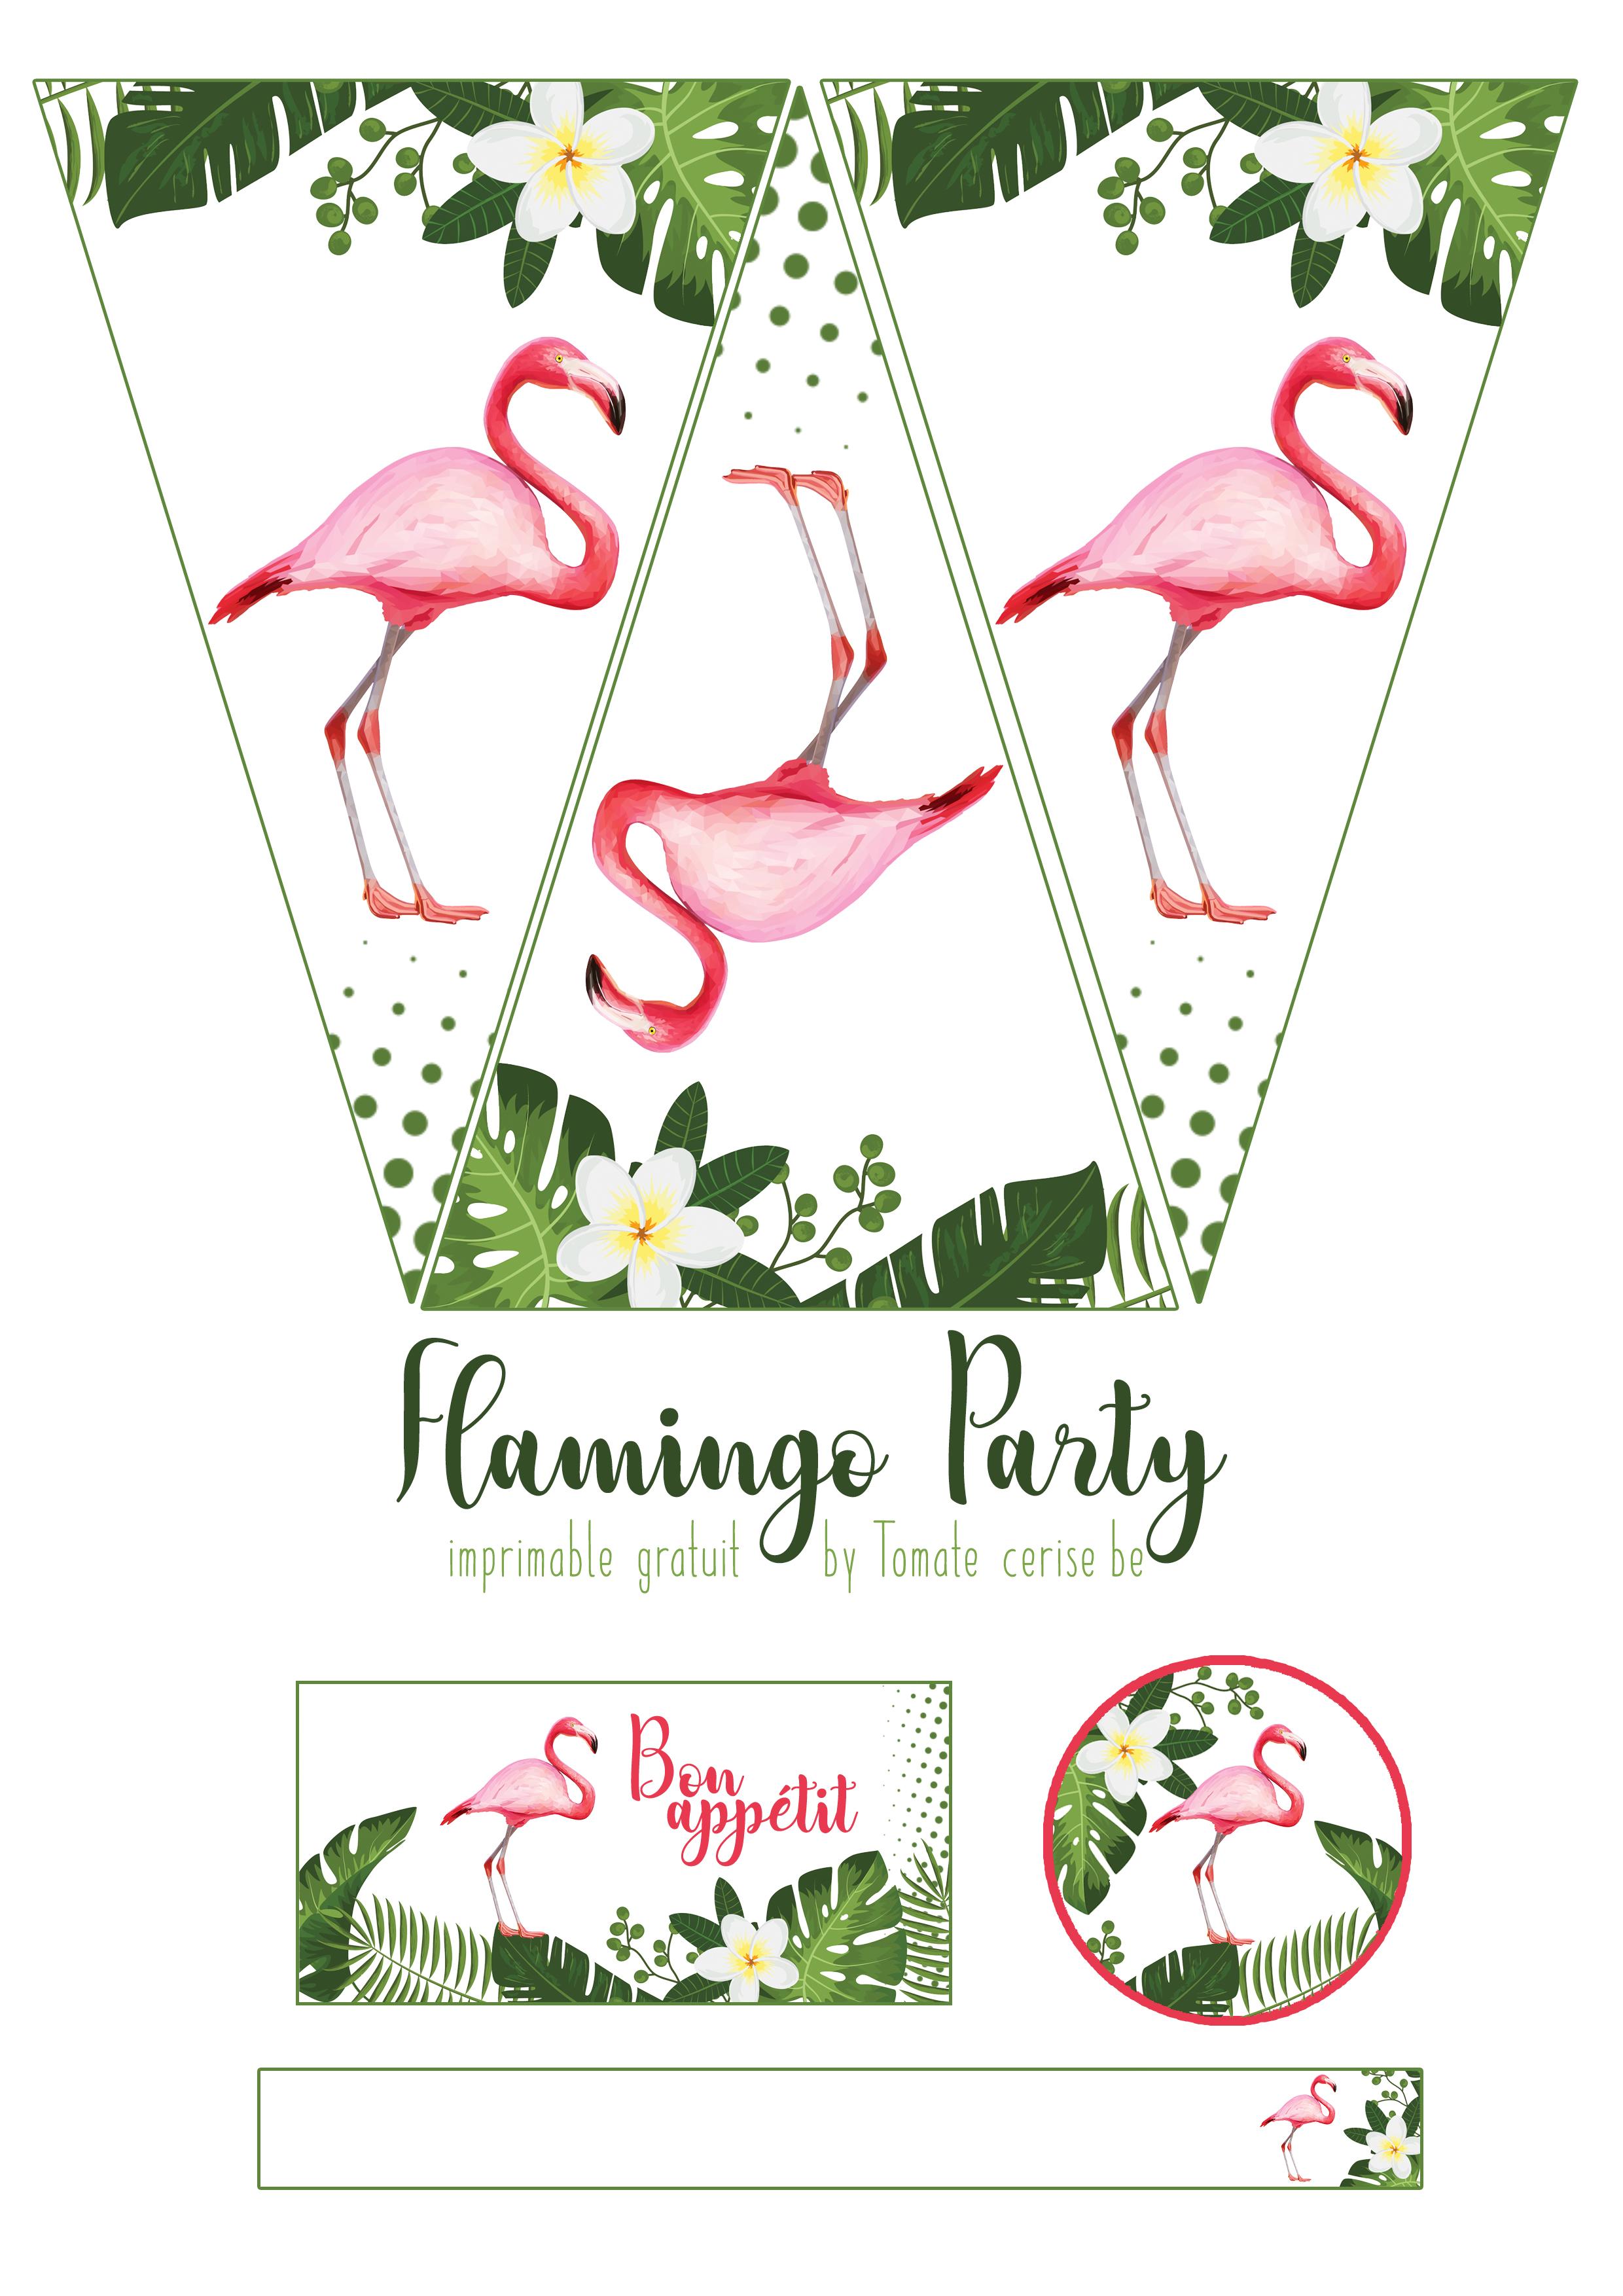 Flamingo Party Imprimable Gratuit La Boutique Tomate Cerise Be